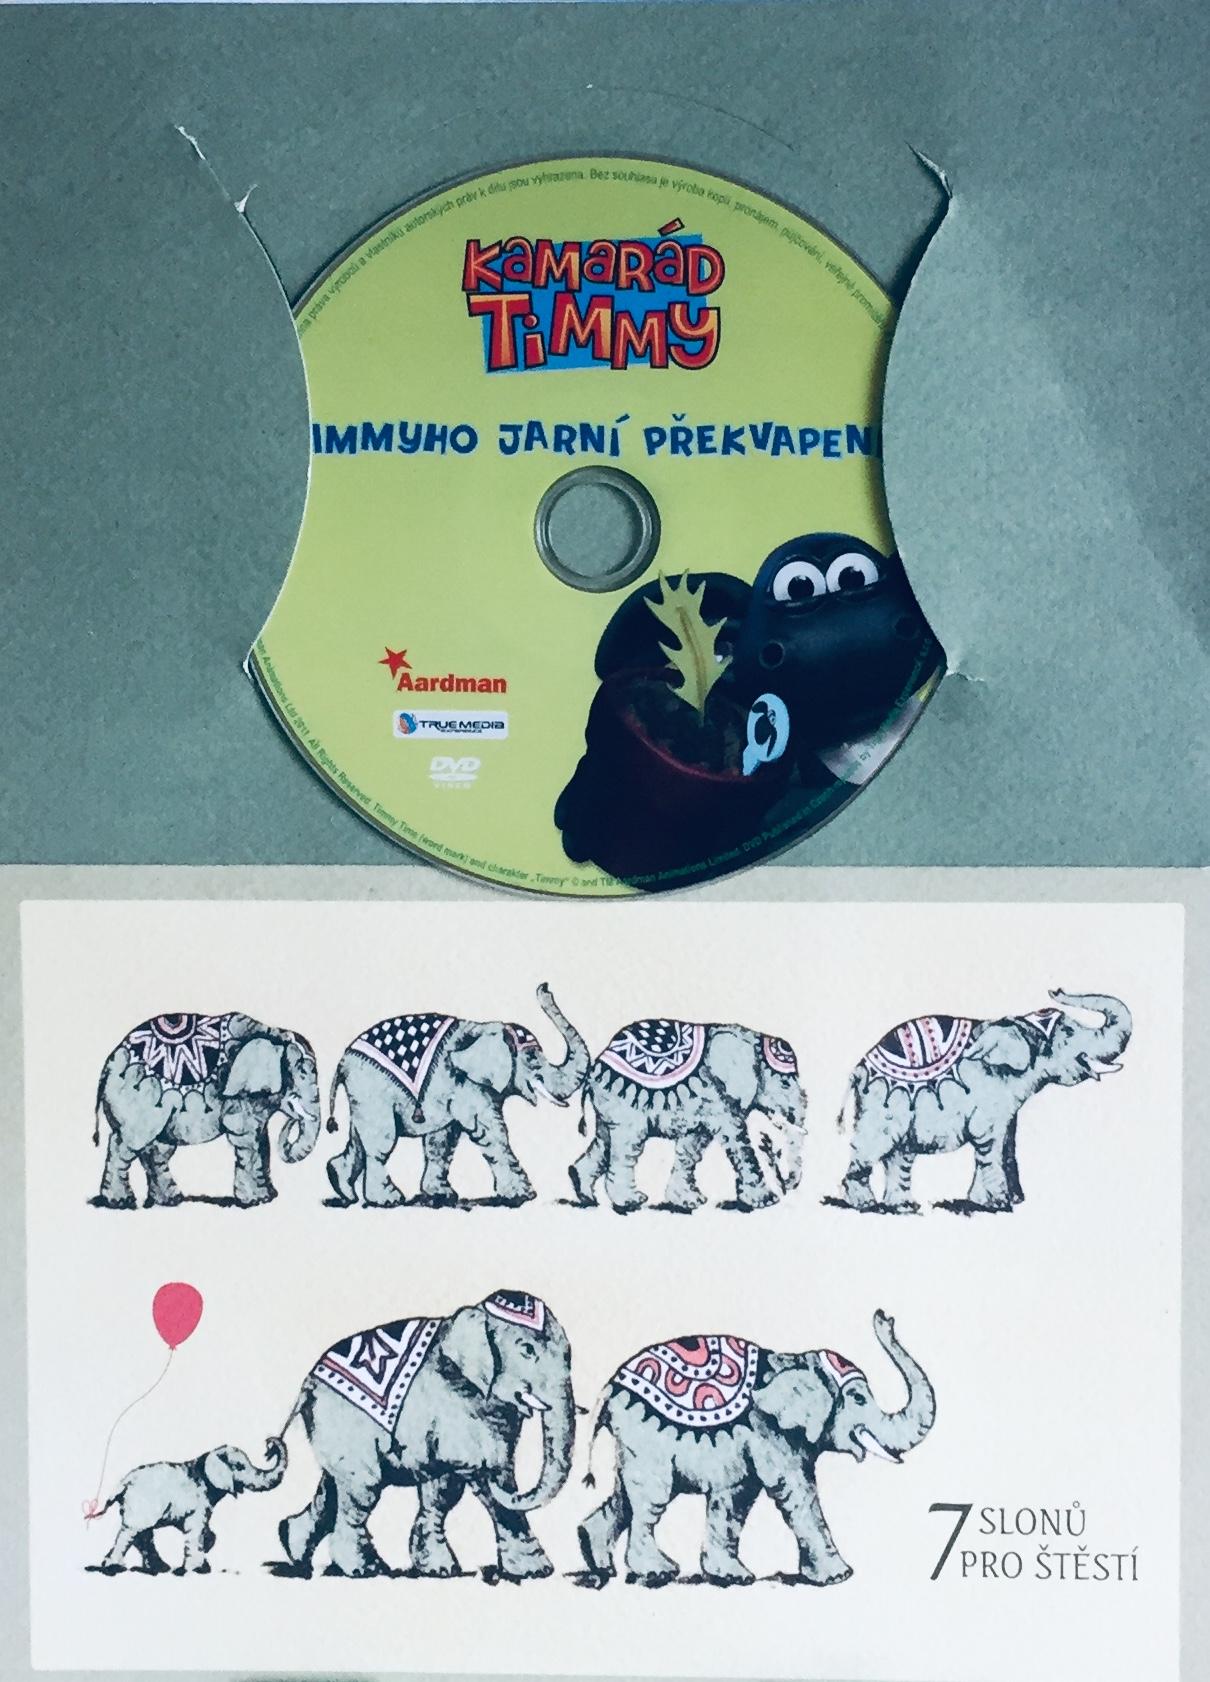 Kamarád Timmy - Timmyho jarní překvapení - DVD /dárkový obal/